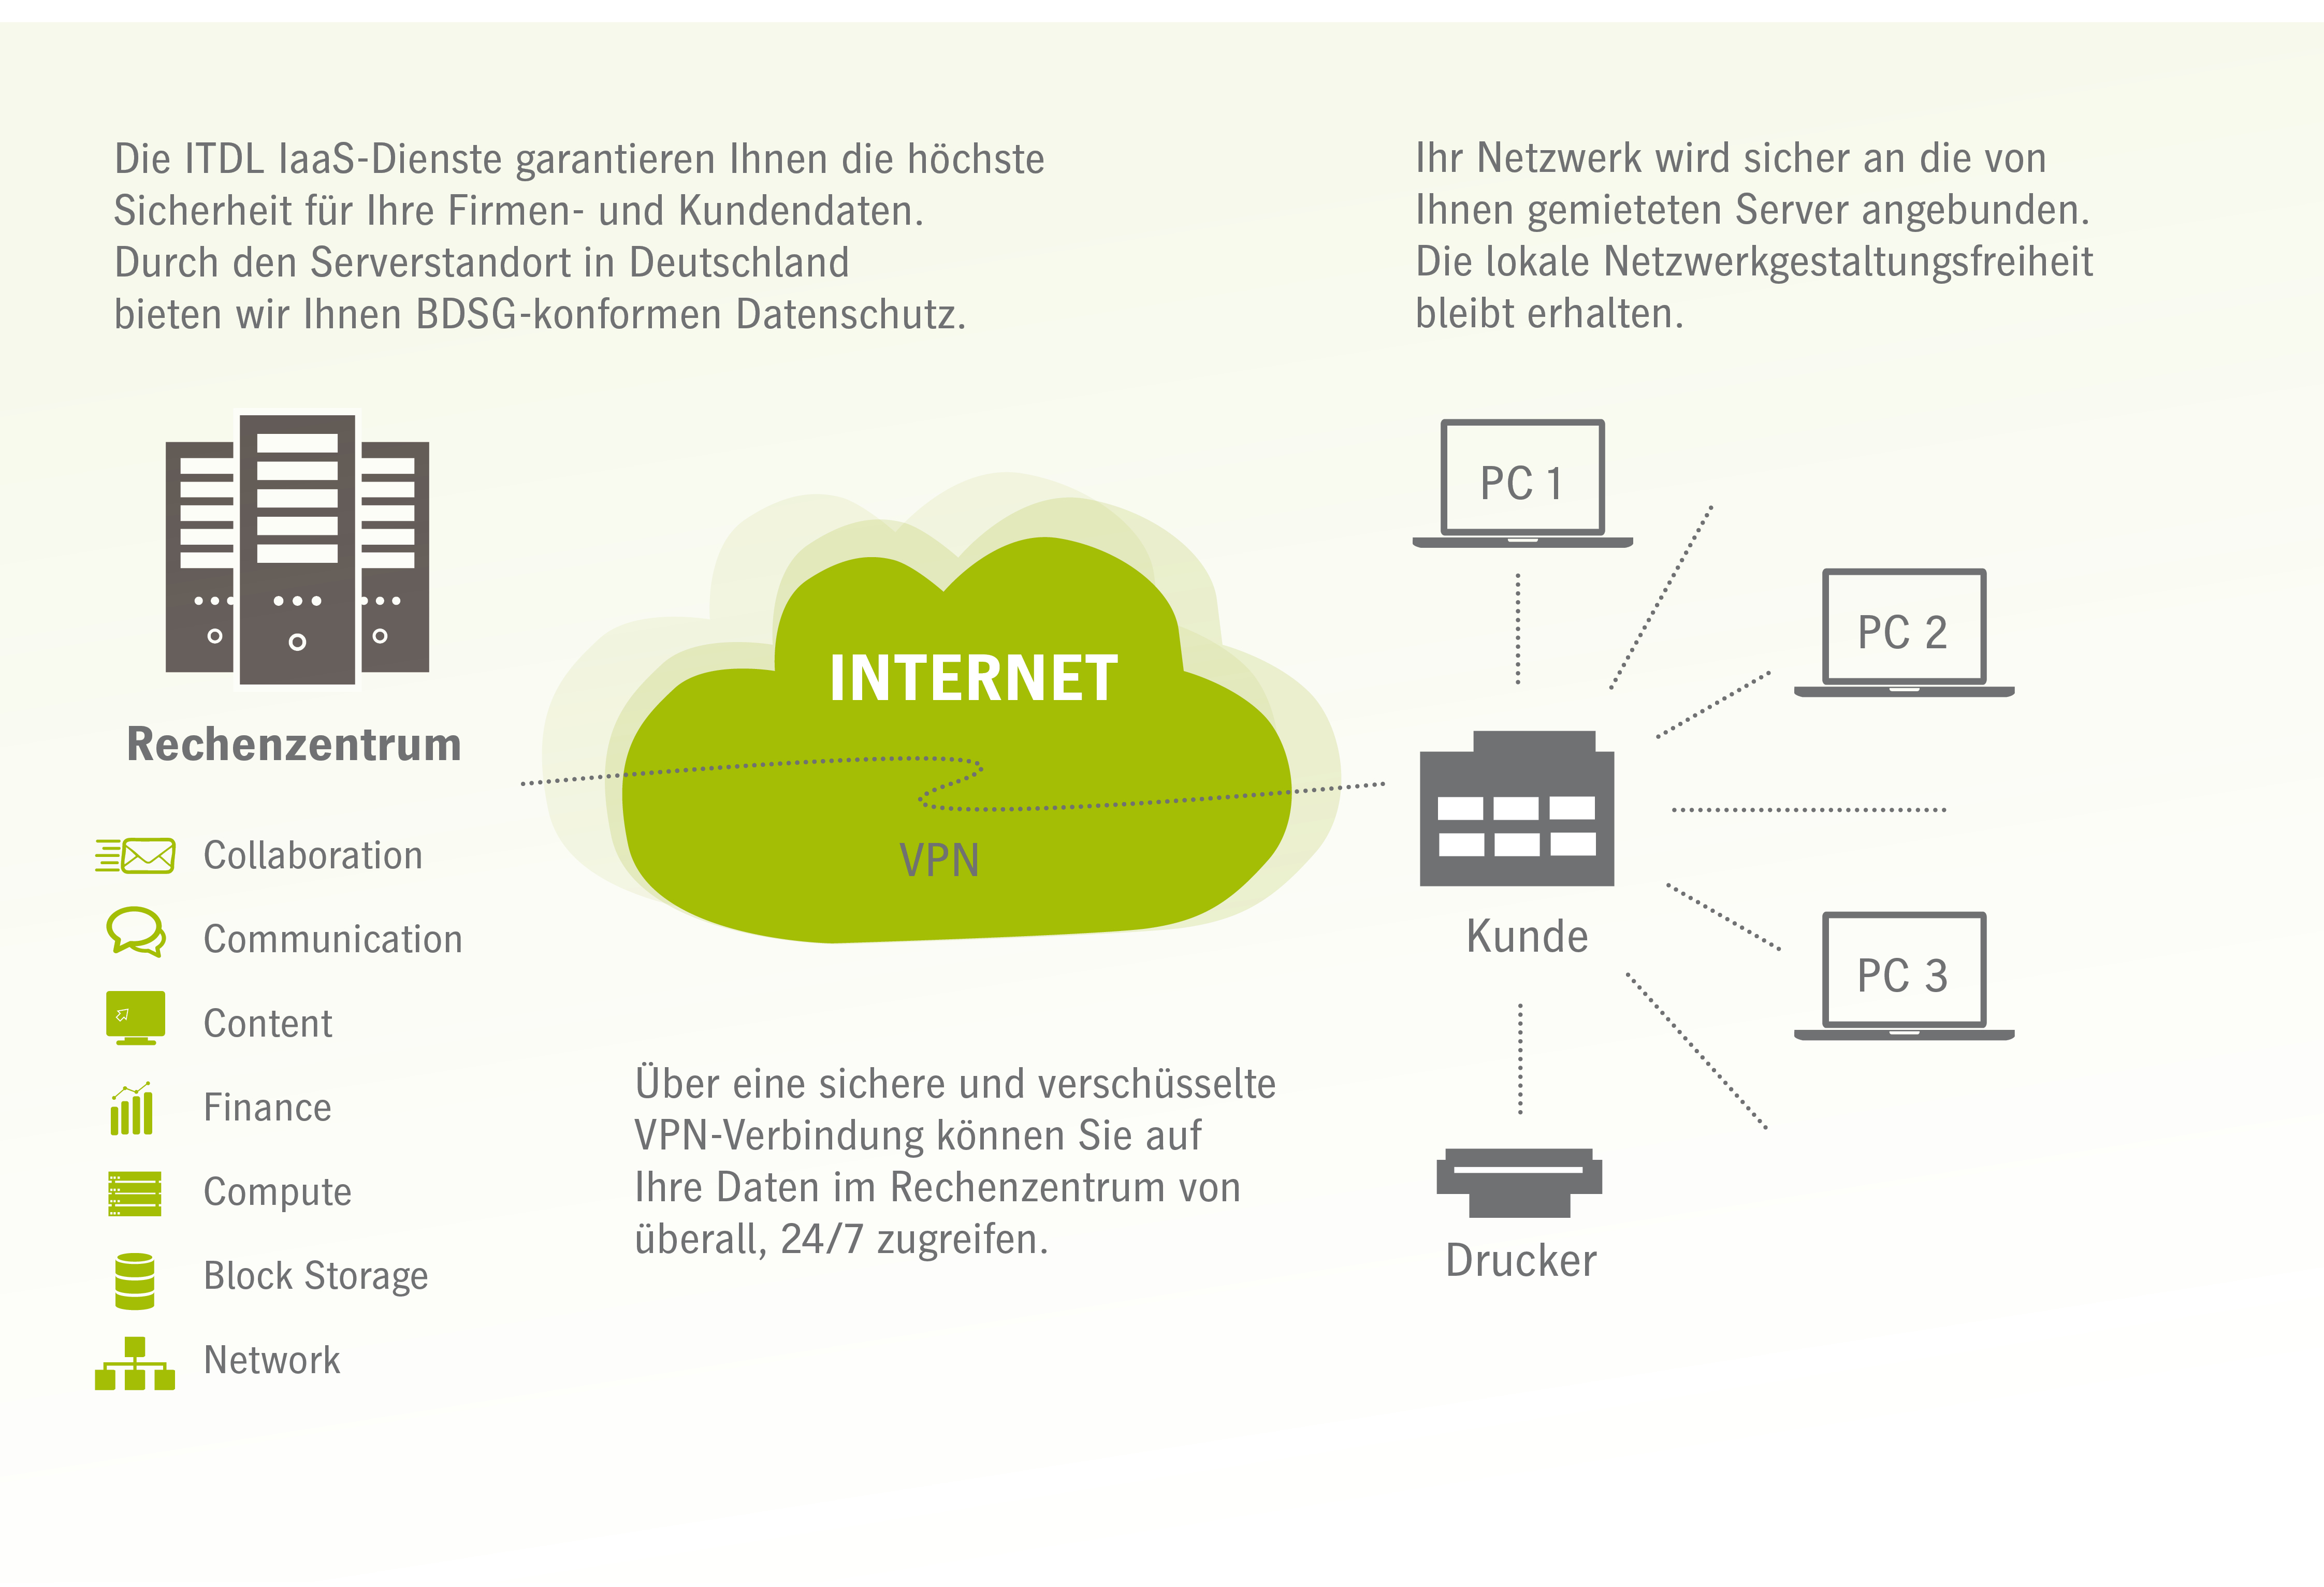 Die IT Dienstleister - Infrastruktur-Dienste